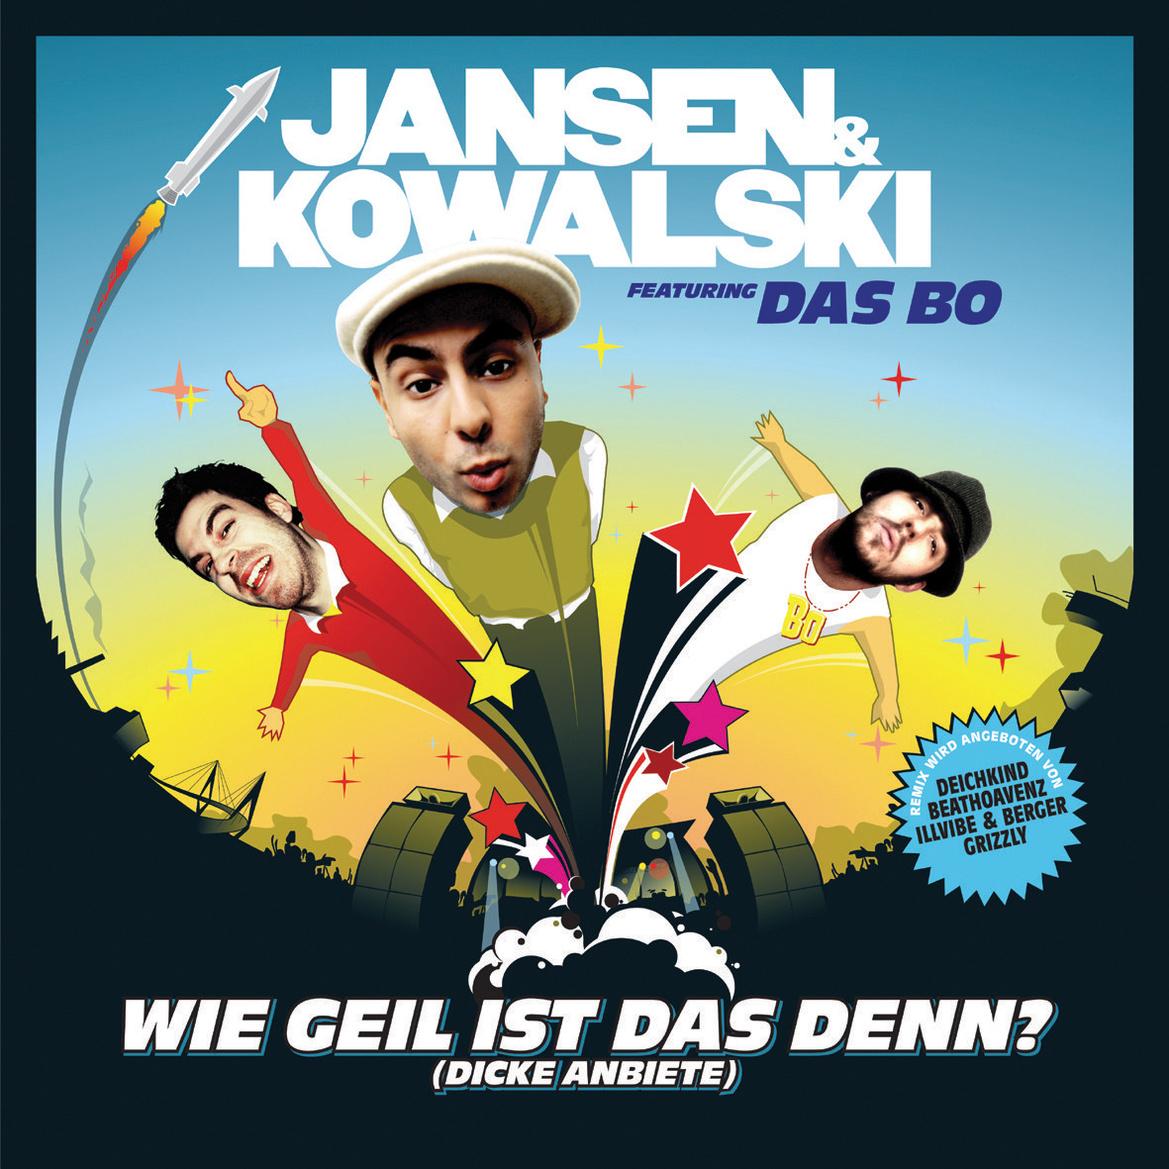 Jansen & Kowalski Feat.das Bo - Wie Geil Ist das Denn? (Dicke Anbiete)